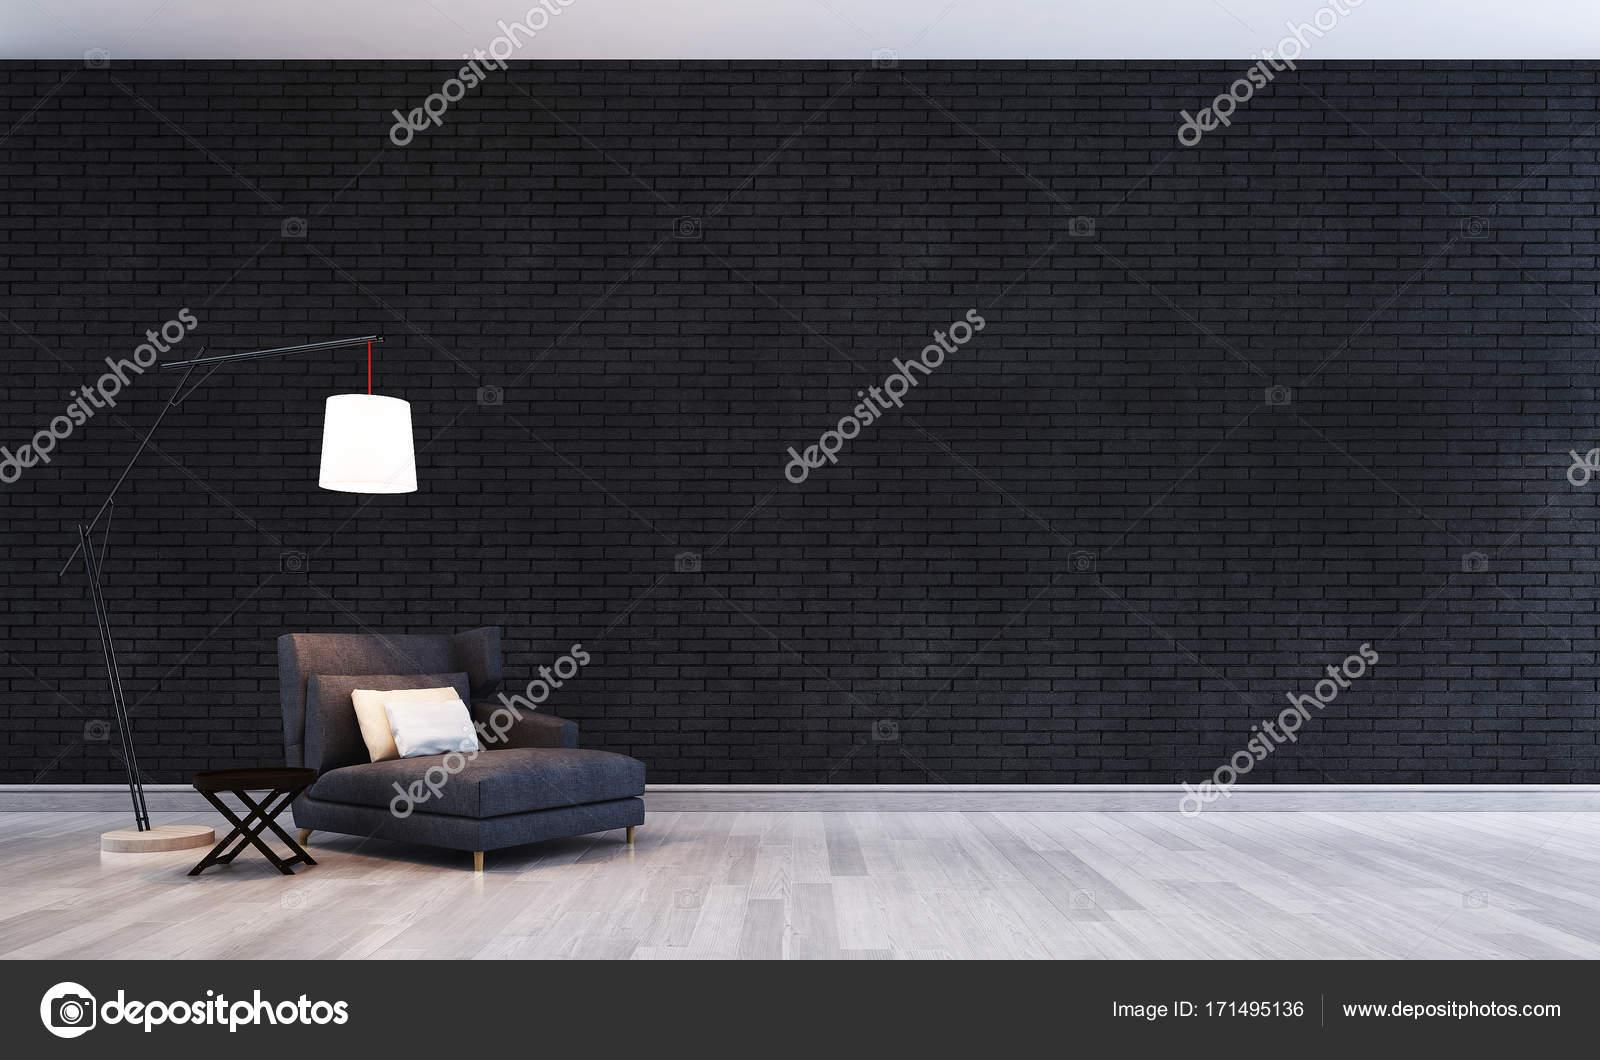 Het interieur design concept idee van woonkamer en zwarte bakstenen